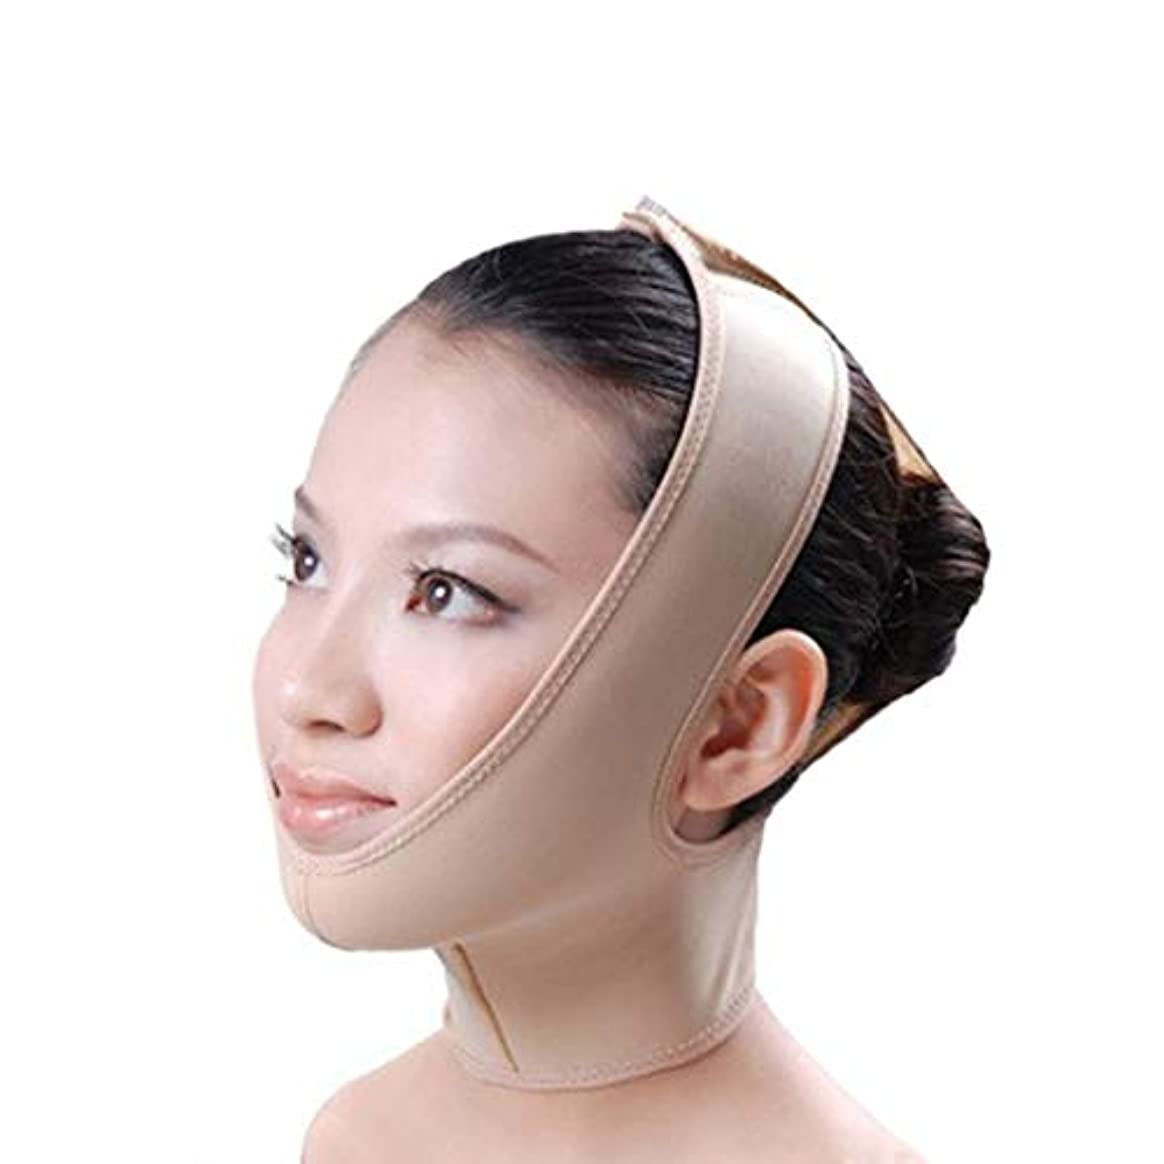 脳キロメートル黒くするXHLMRMJ フェイススリム、リフティングマスク、包帯リフト、ダブルチン、ファーミングフェイシャルリフト、フェイシャル減量マスク、リフティングスキンバンデージ (Size : L)